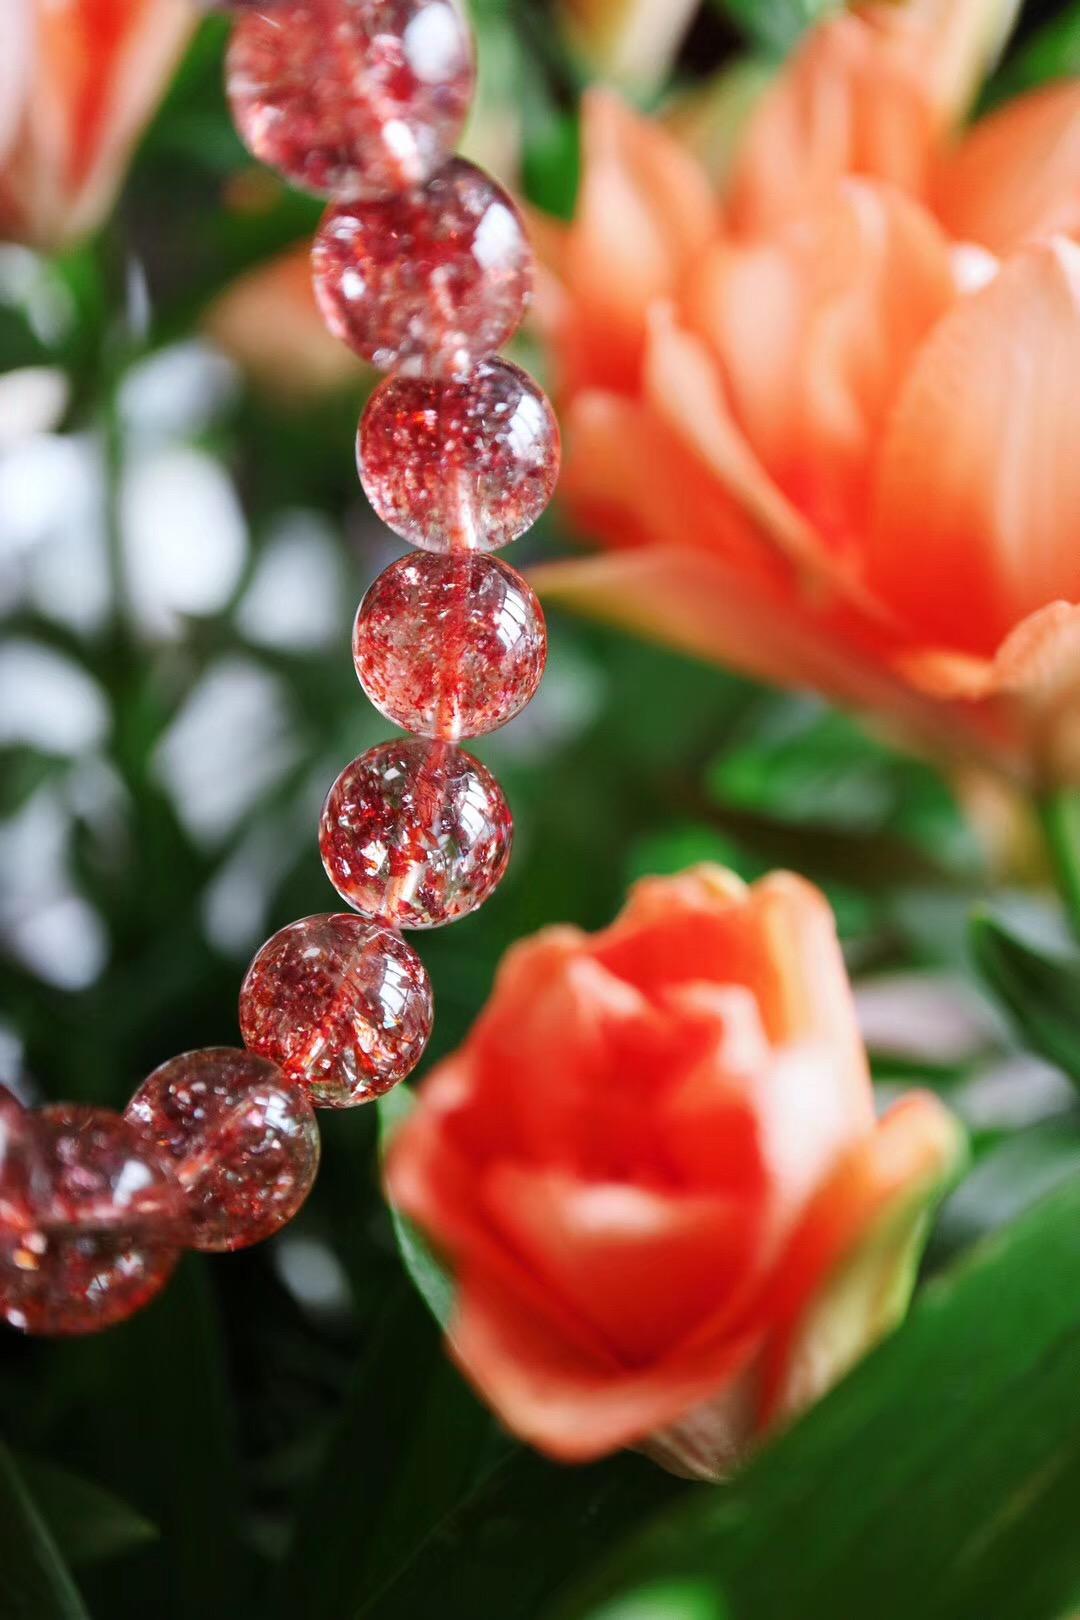 【菩心-金草莓晶】金草莓晶,从骨子里散发出高贵的气息-菩心晶舍